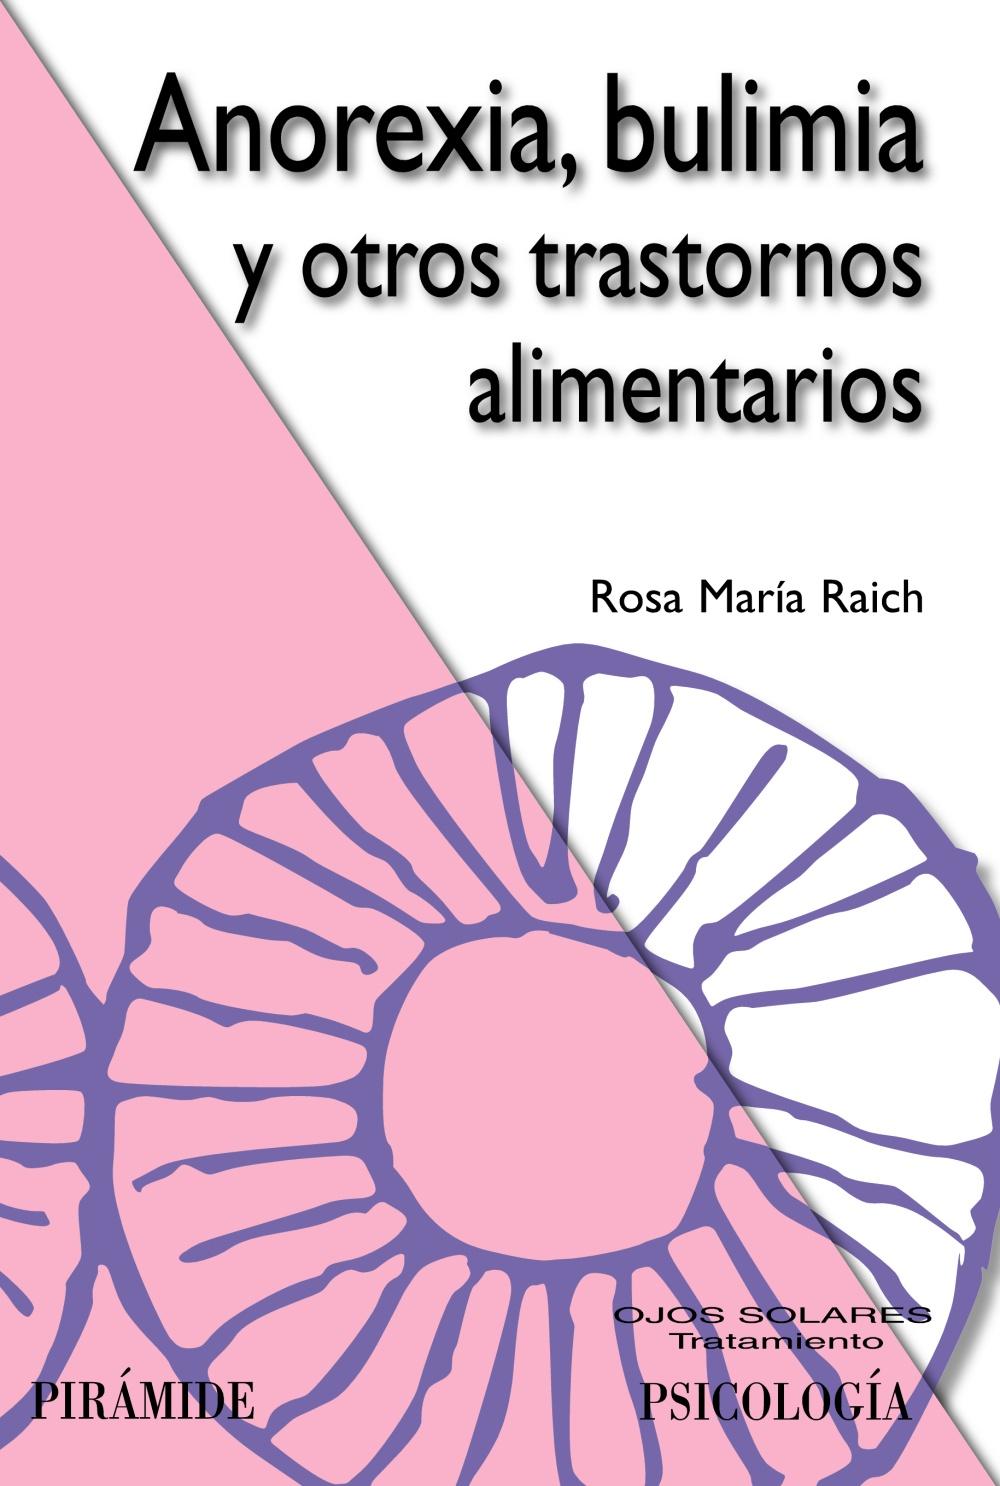 Anorexia, bulimia y otros trastornos alimentarios (ebook)